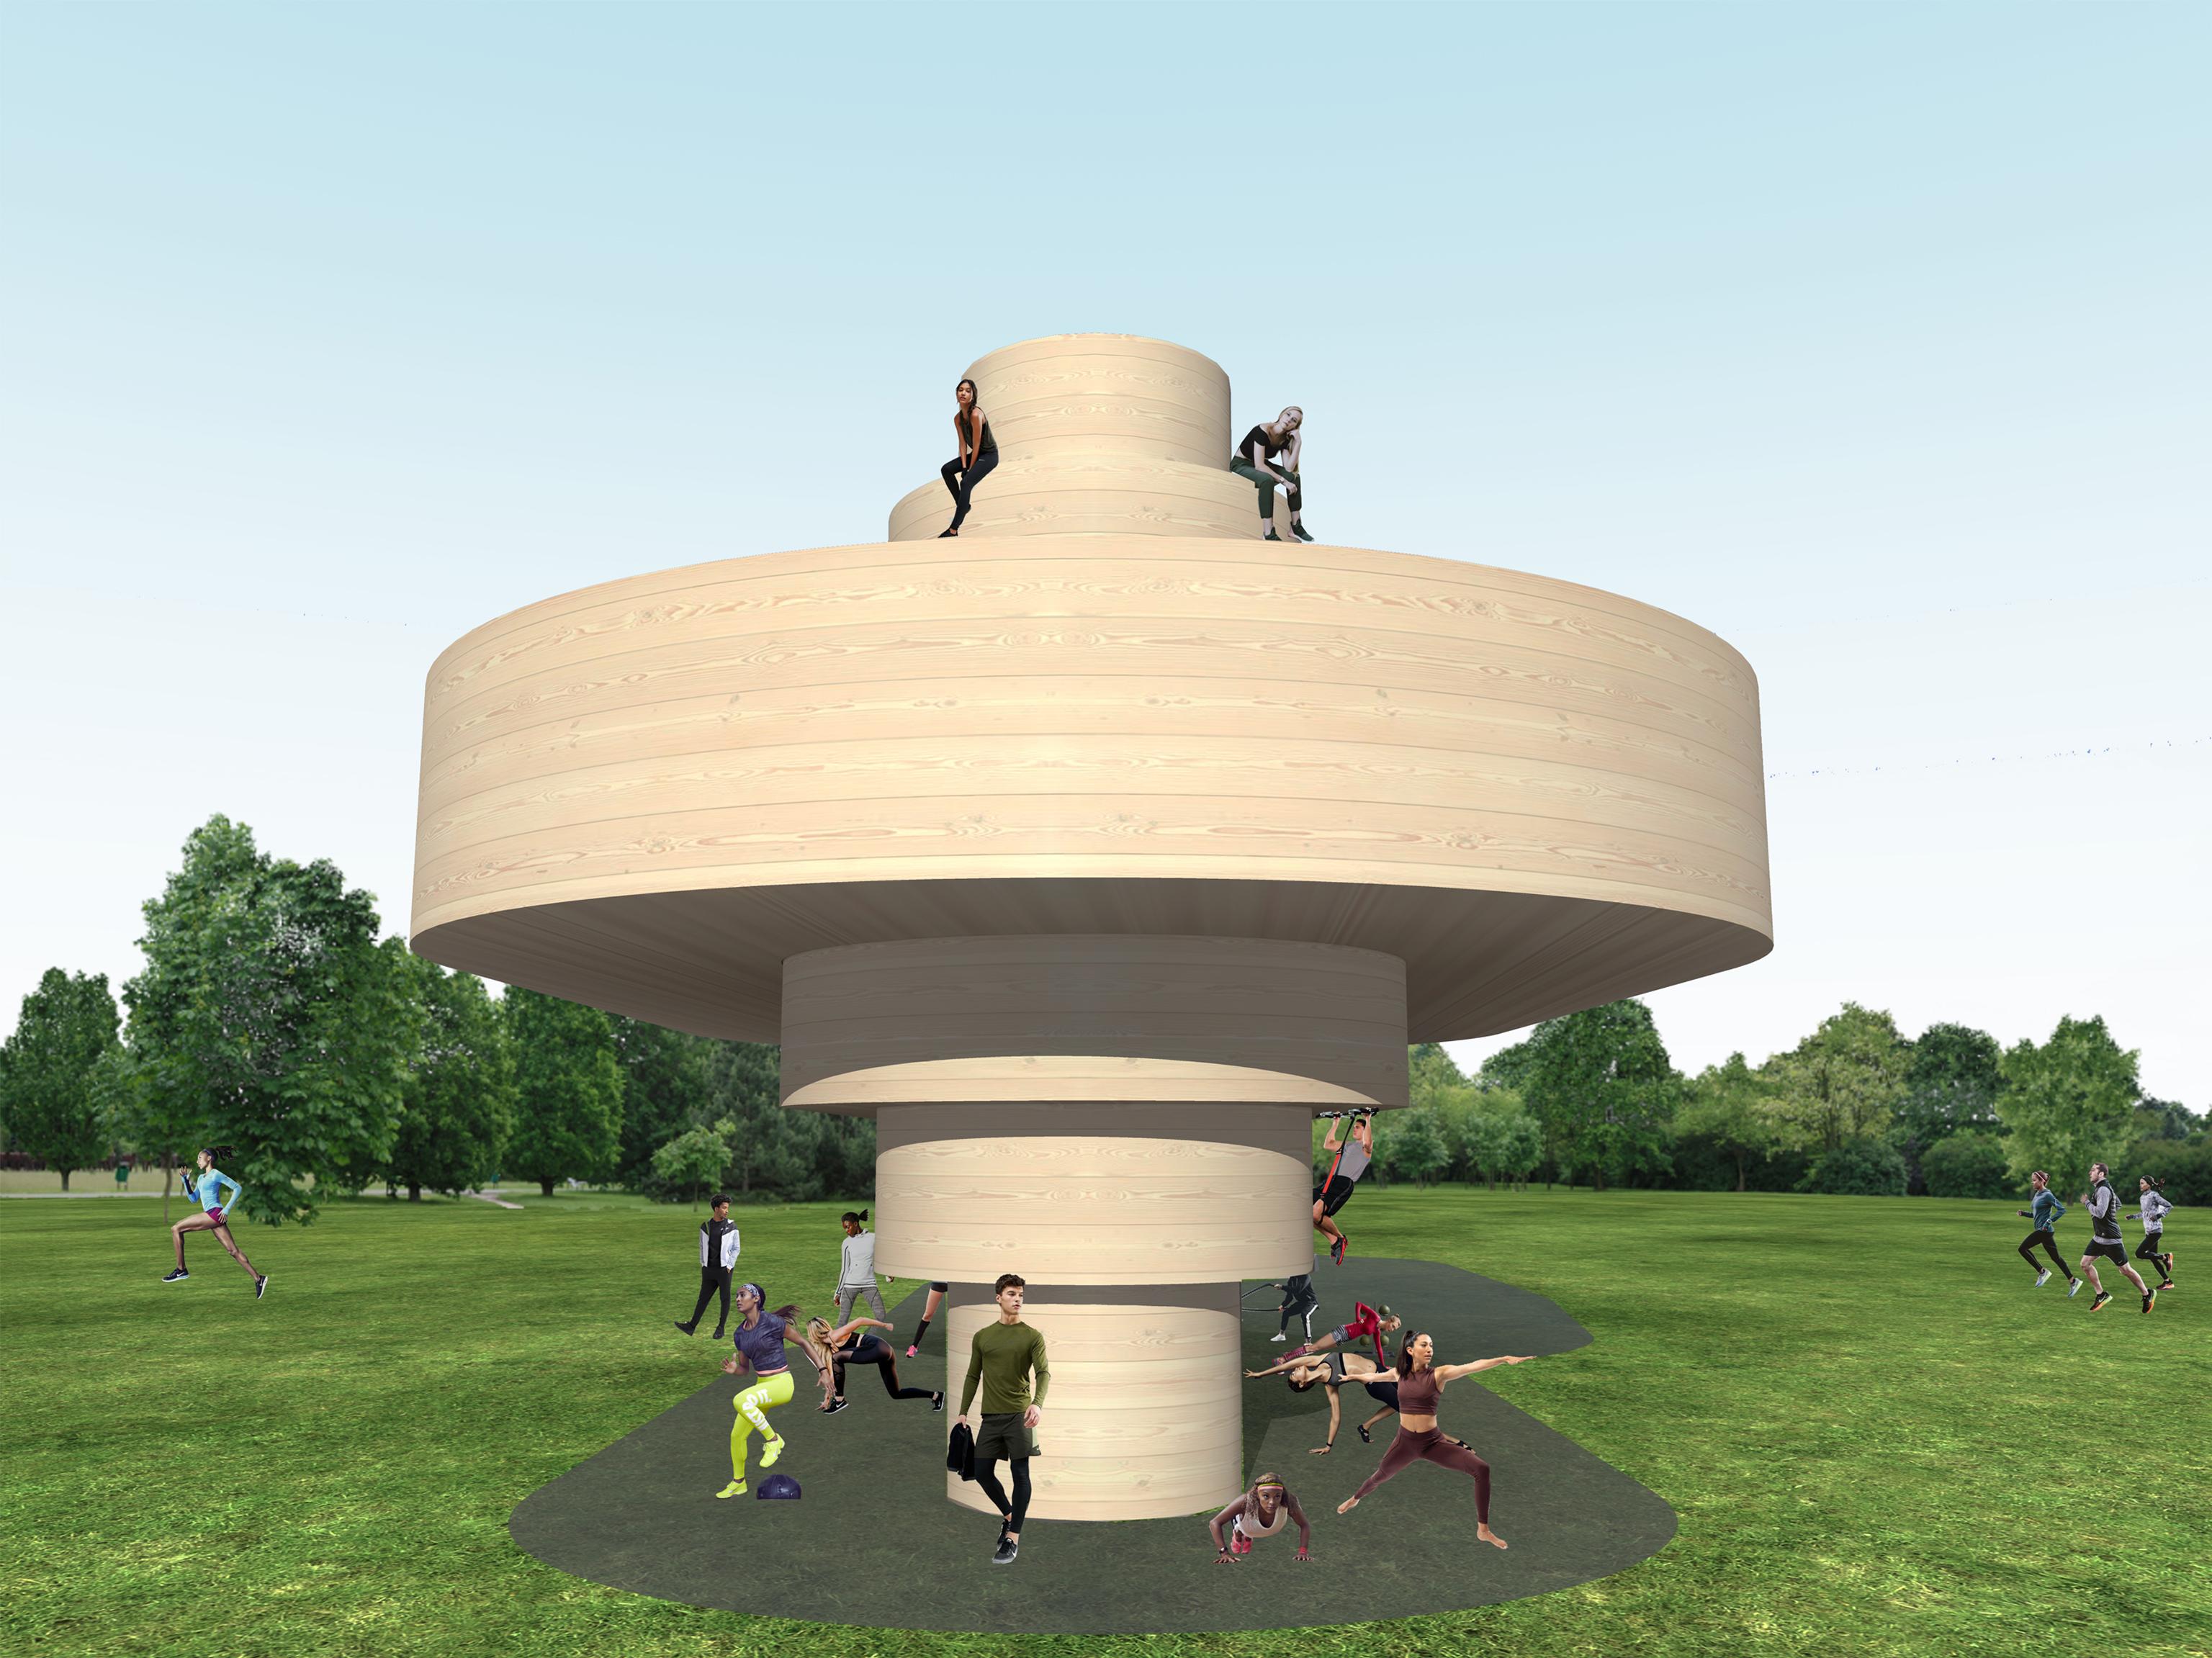 Image 01 Pavilion zU